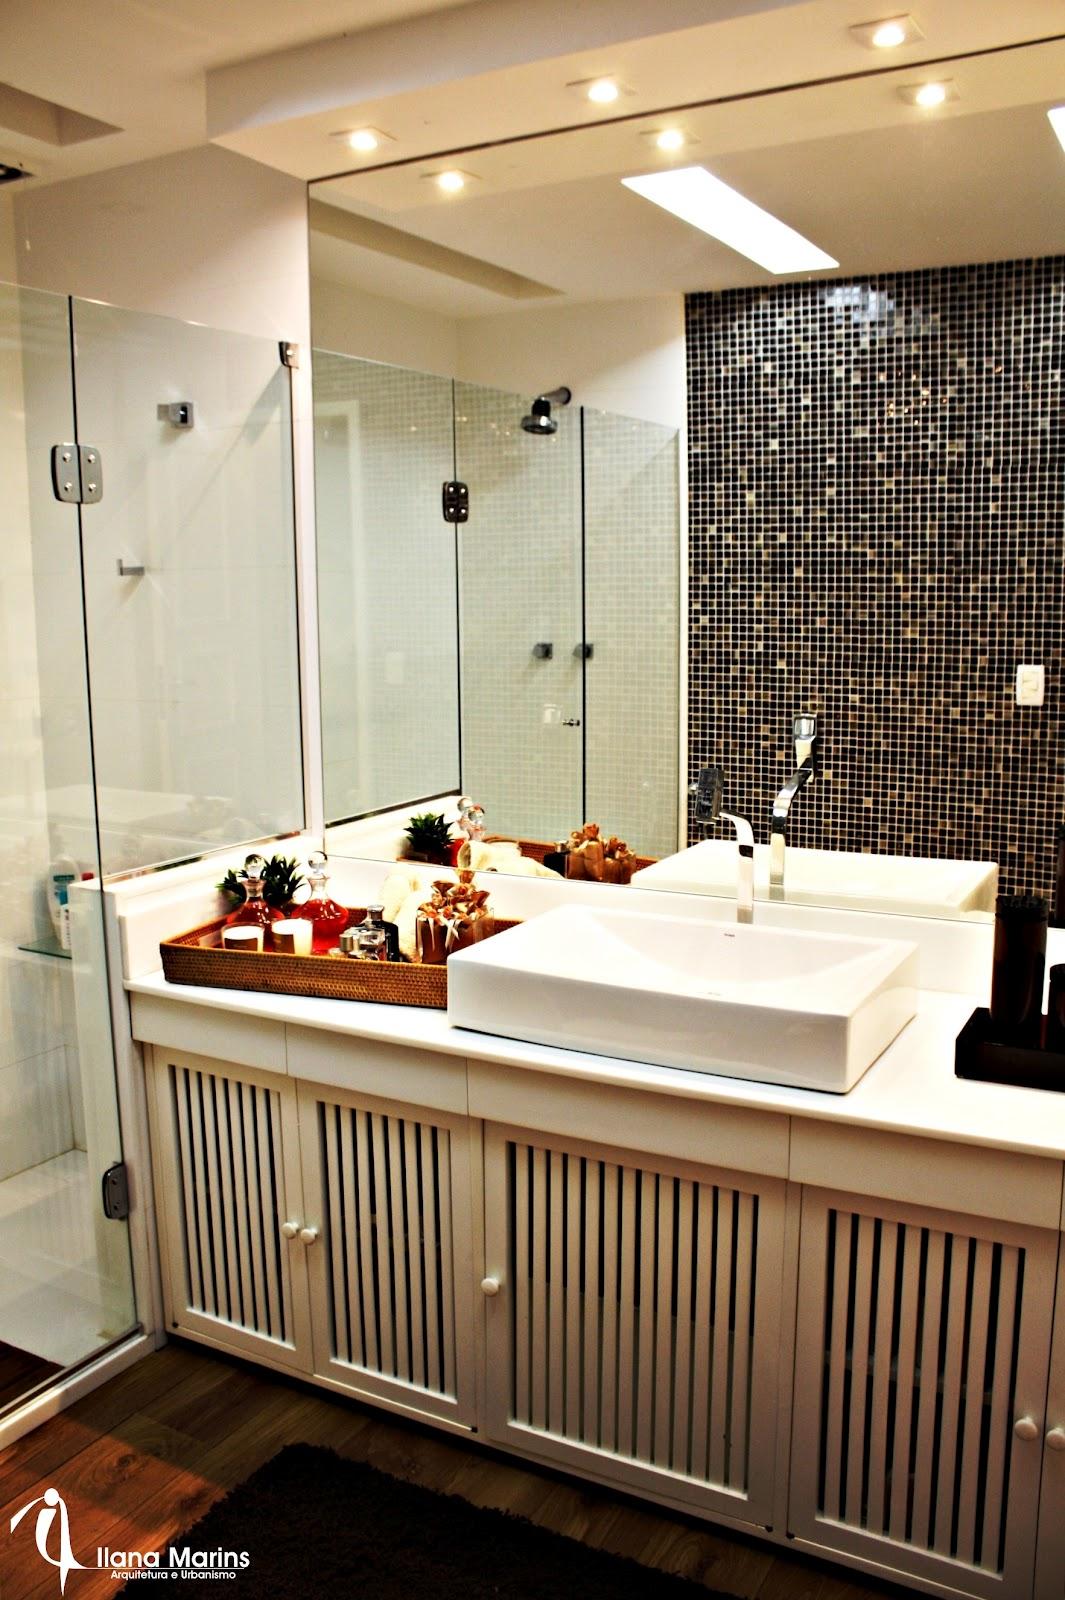 ideias para o lavabo Denise Reds #B72F14 1065 1600